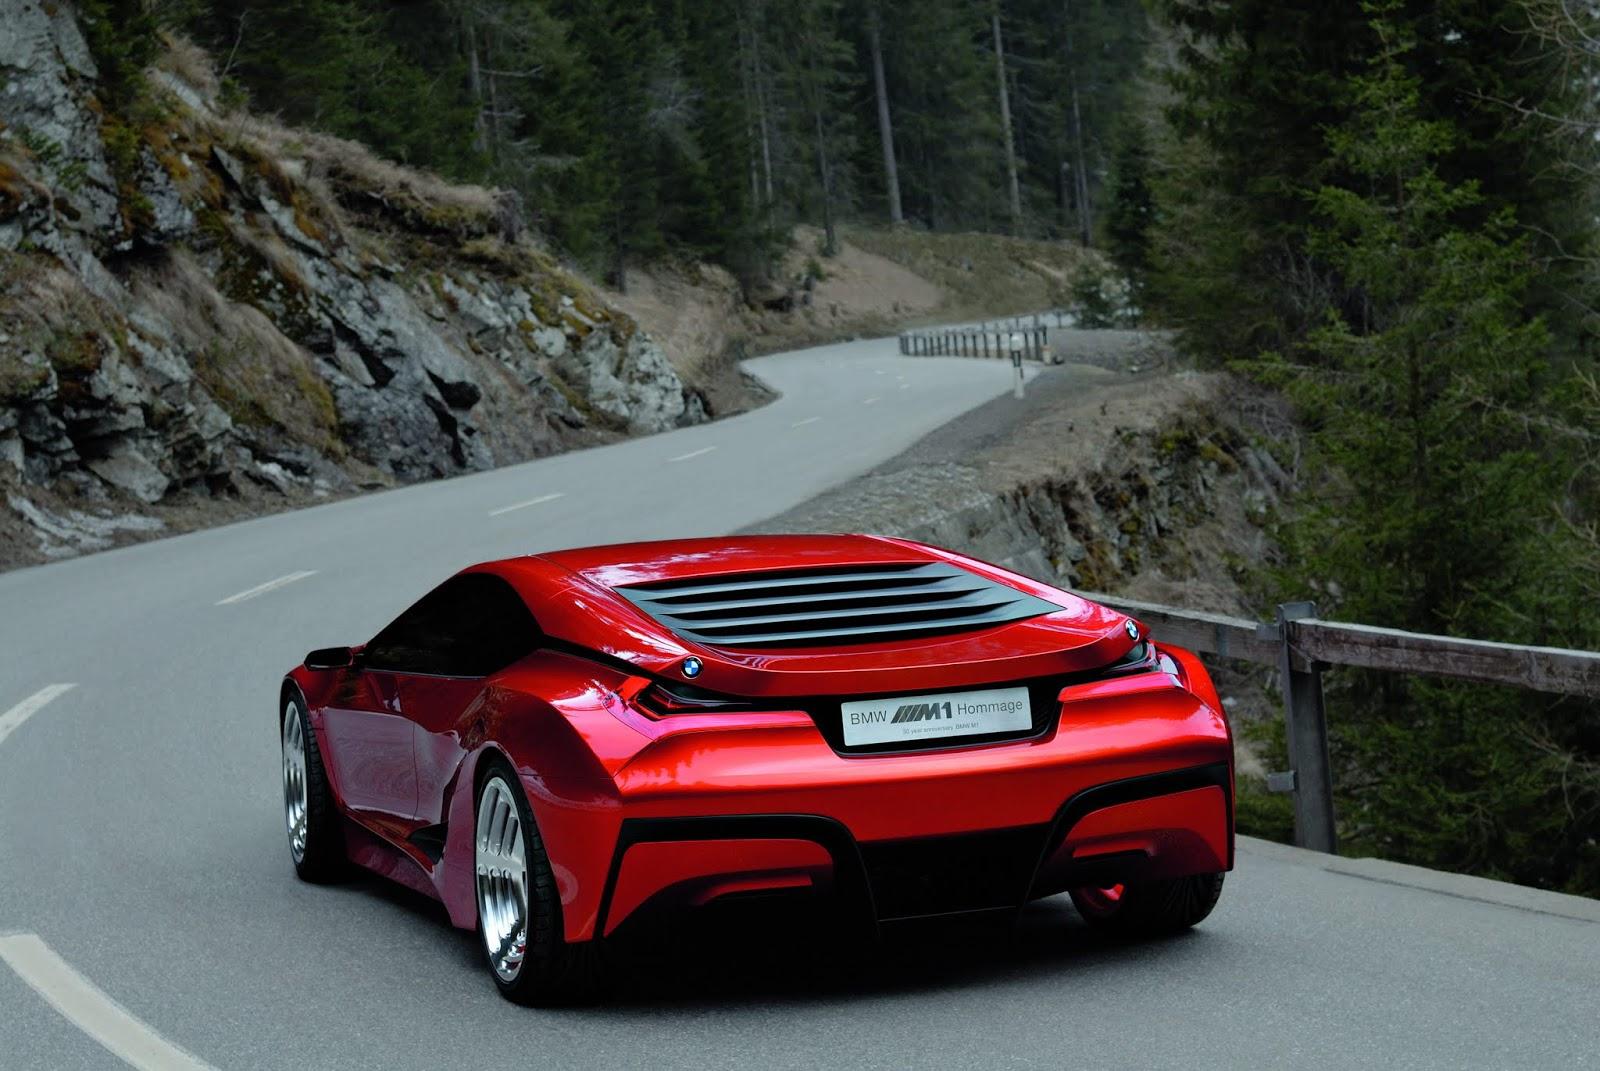 bm3 H BMW ετοιμάζει επιστροφή της Μ1 με 700 ίππους! BMW, BMW M, BMW M Performance, BMW M1, BMW M1 ProCar, BMW M8, zblog